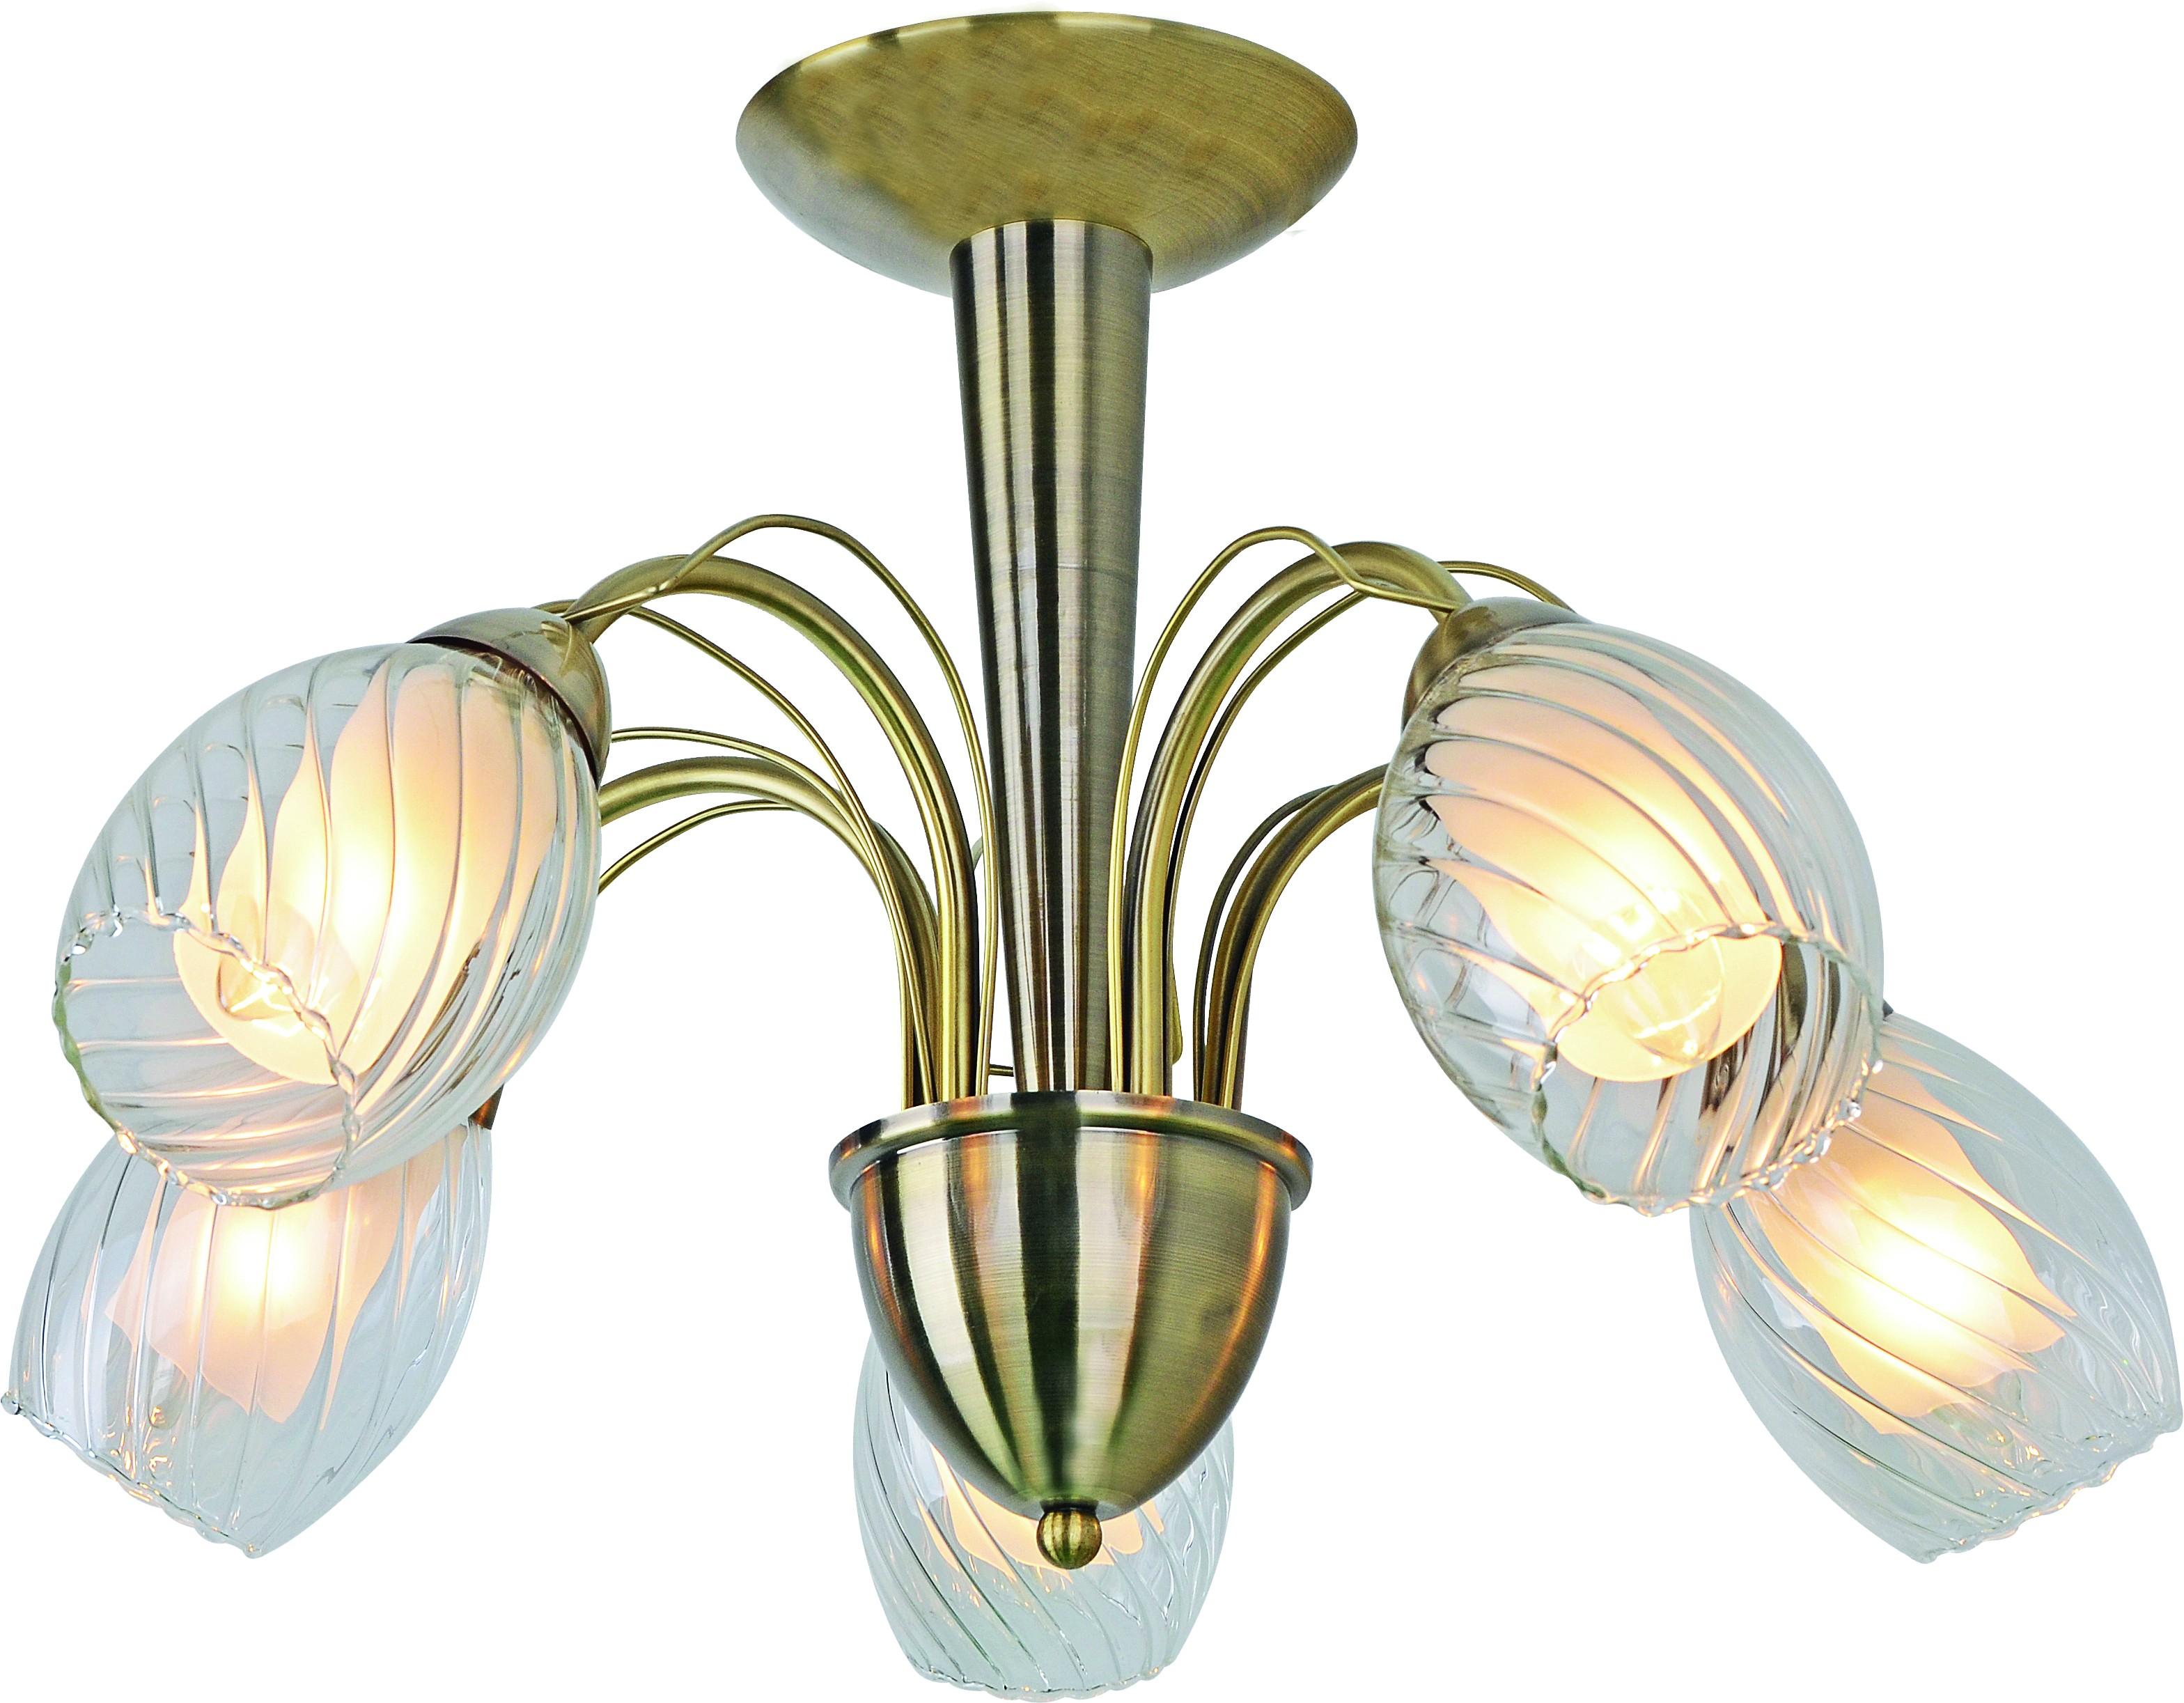 Люстра Arte lamp A1673pl-5ab arte lamp люстра arte lamp a7556pl 5ab